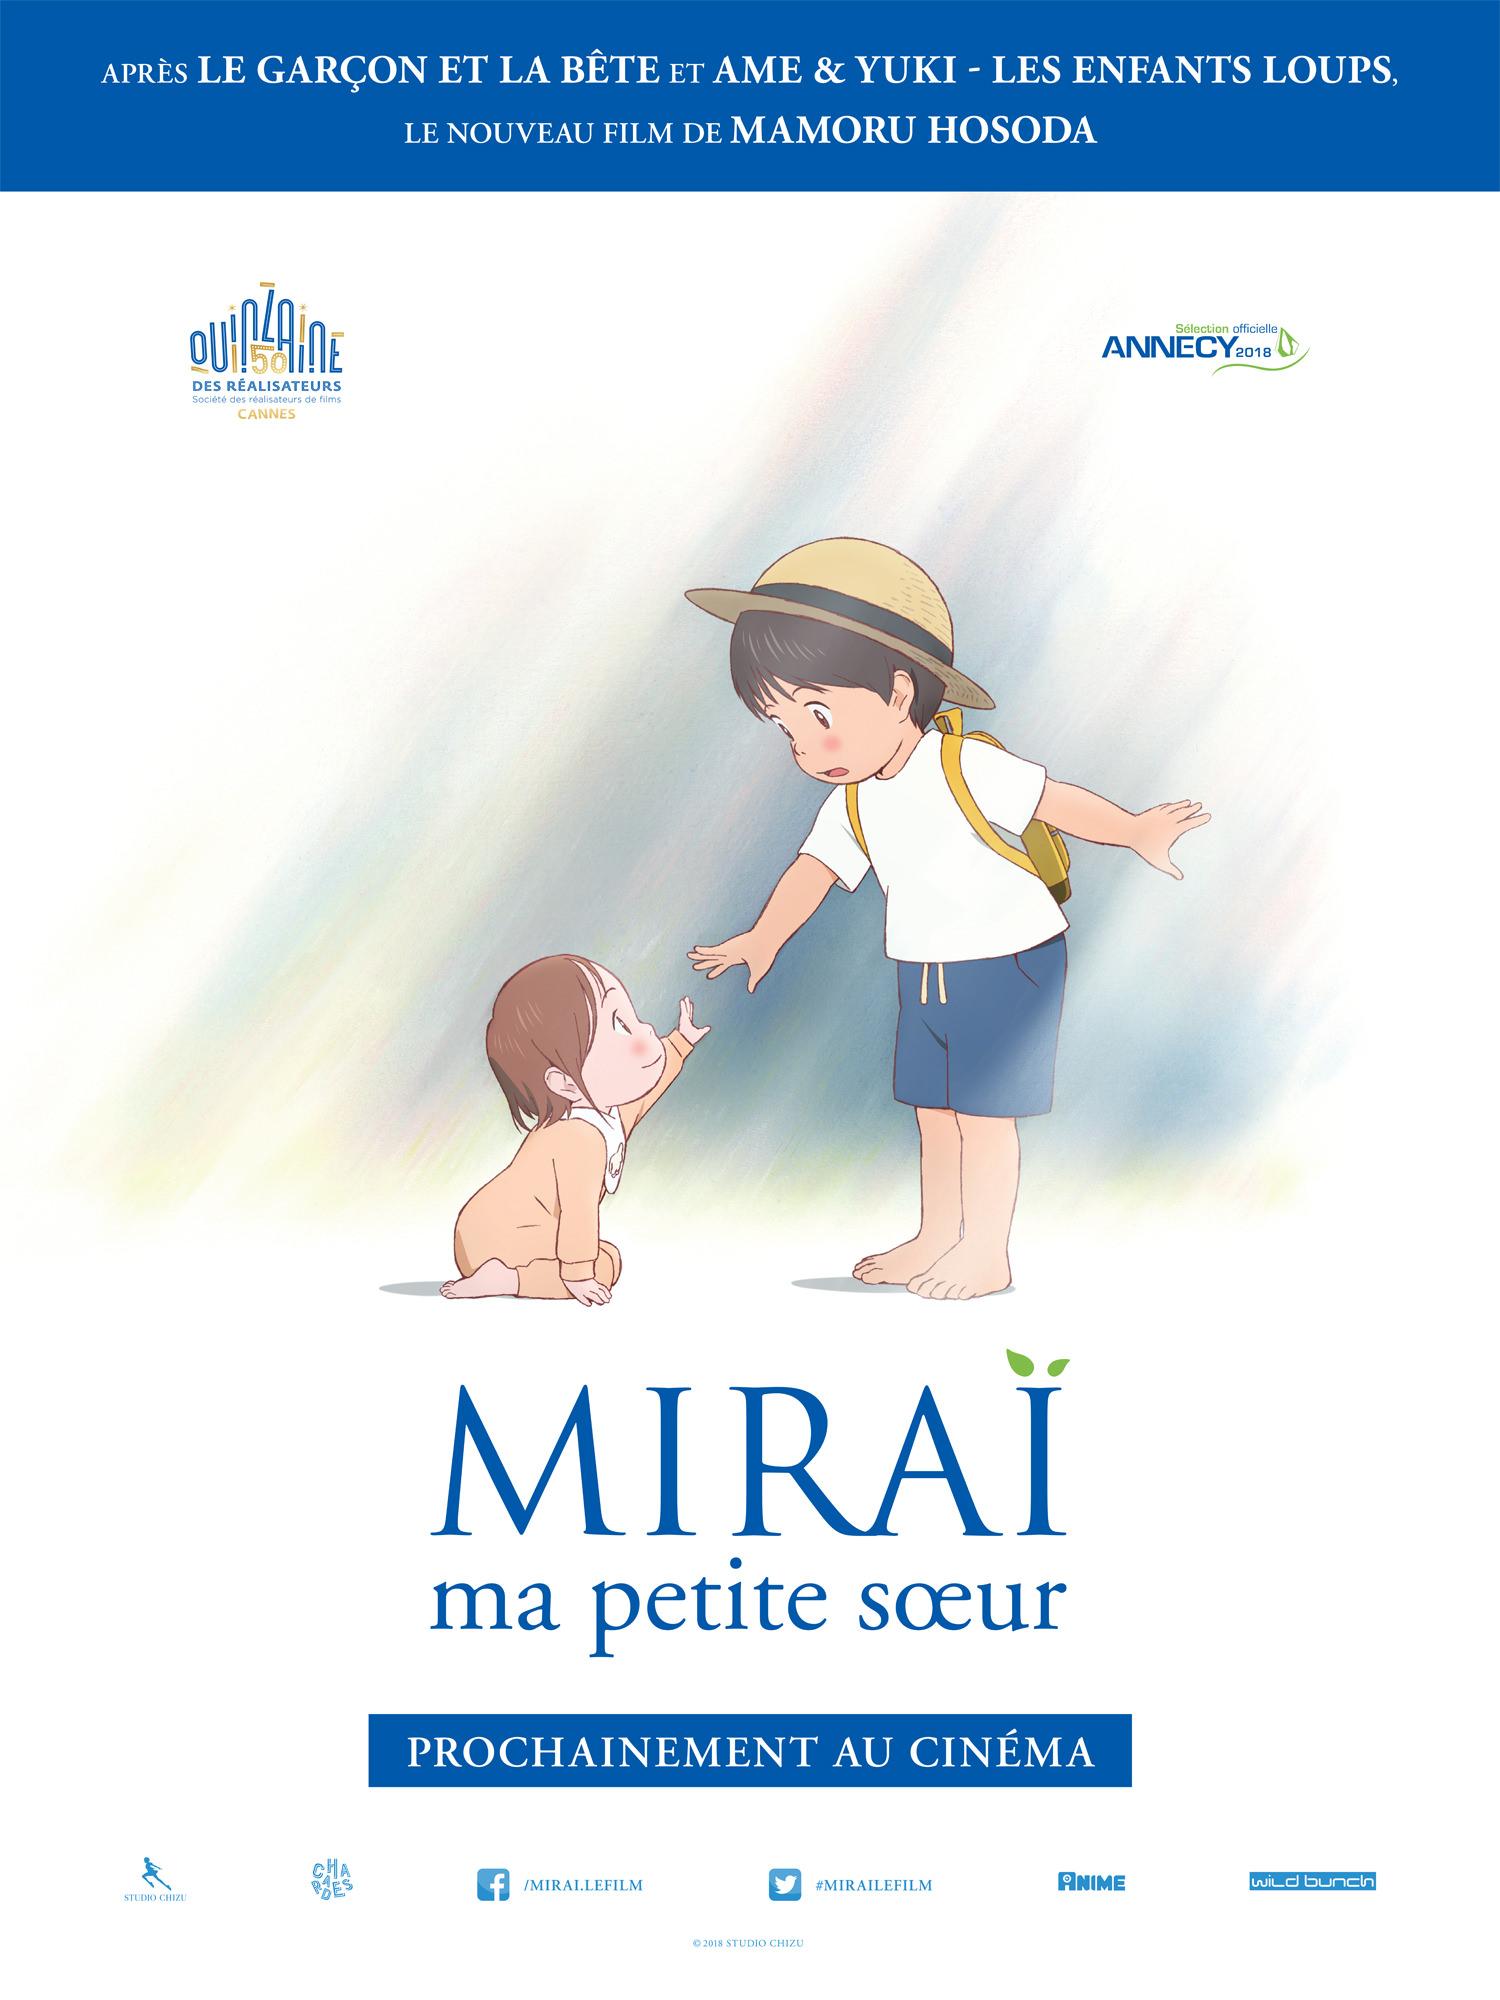 Miraï - Affiche Cannes 2018